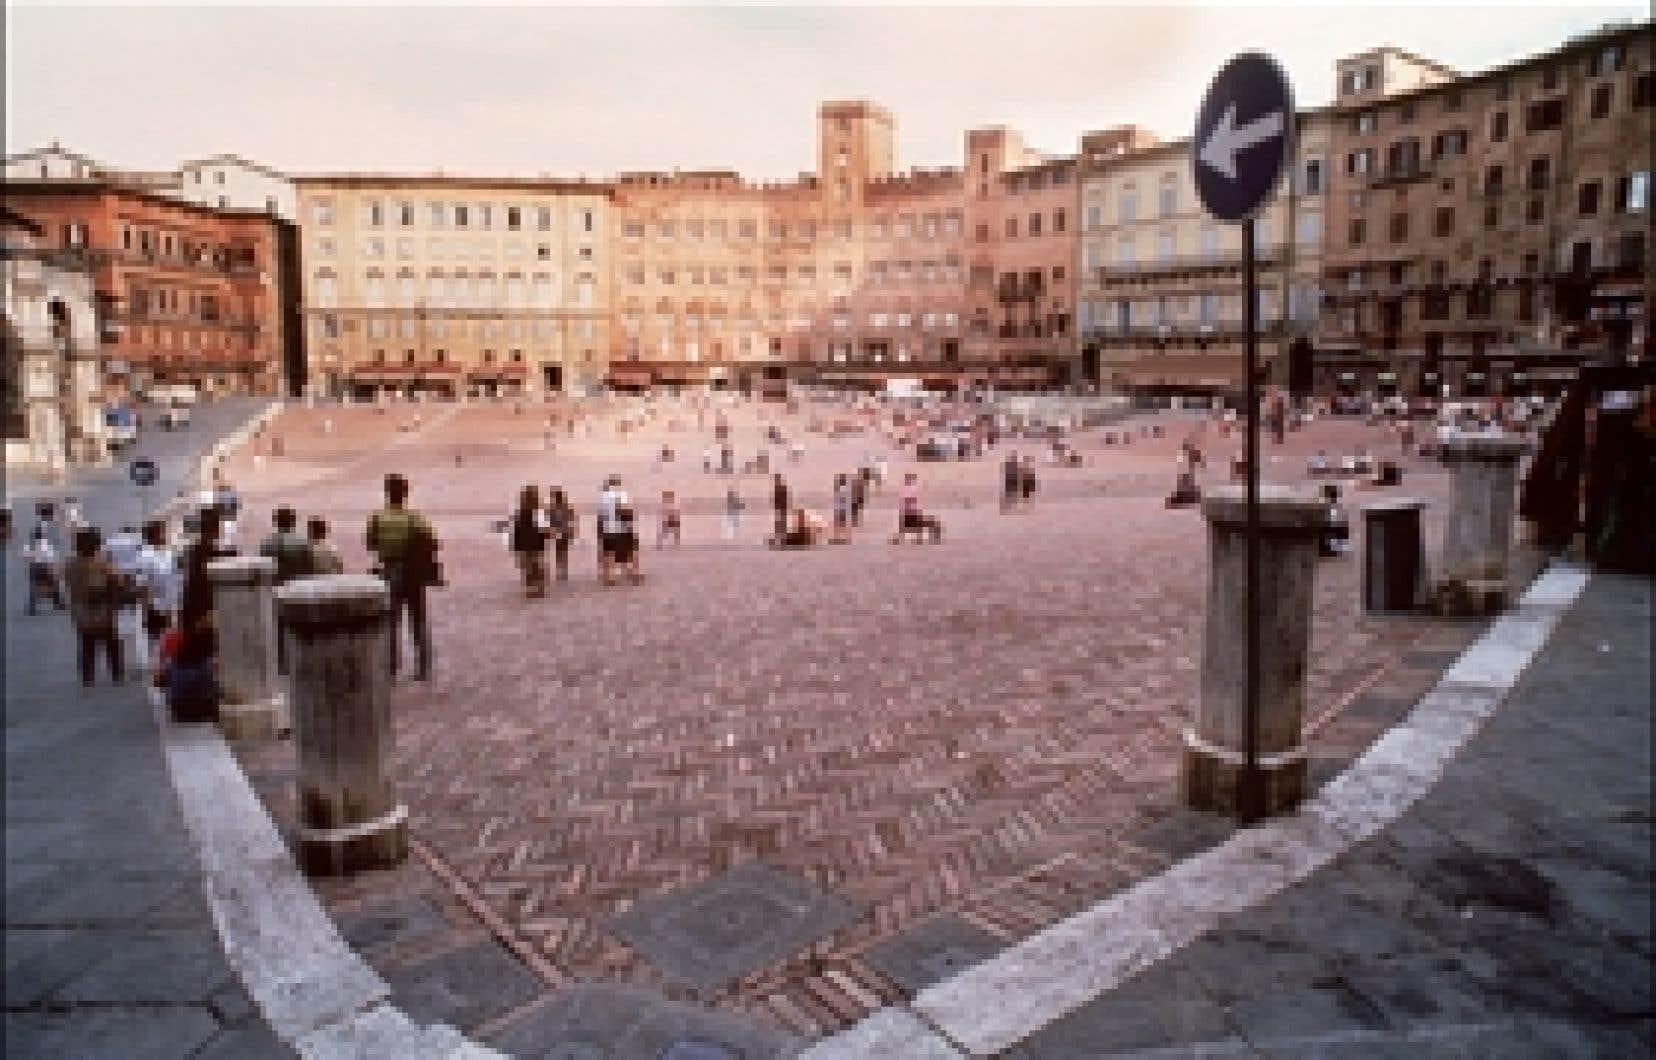 Sur la Piazza del Campo, à Sienne, capitale de la Toscane, en Italie.